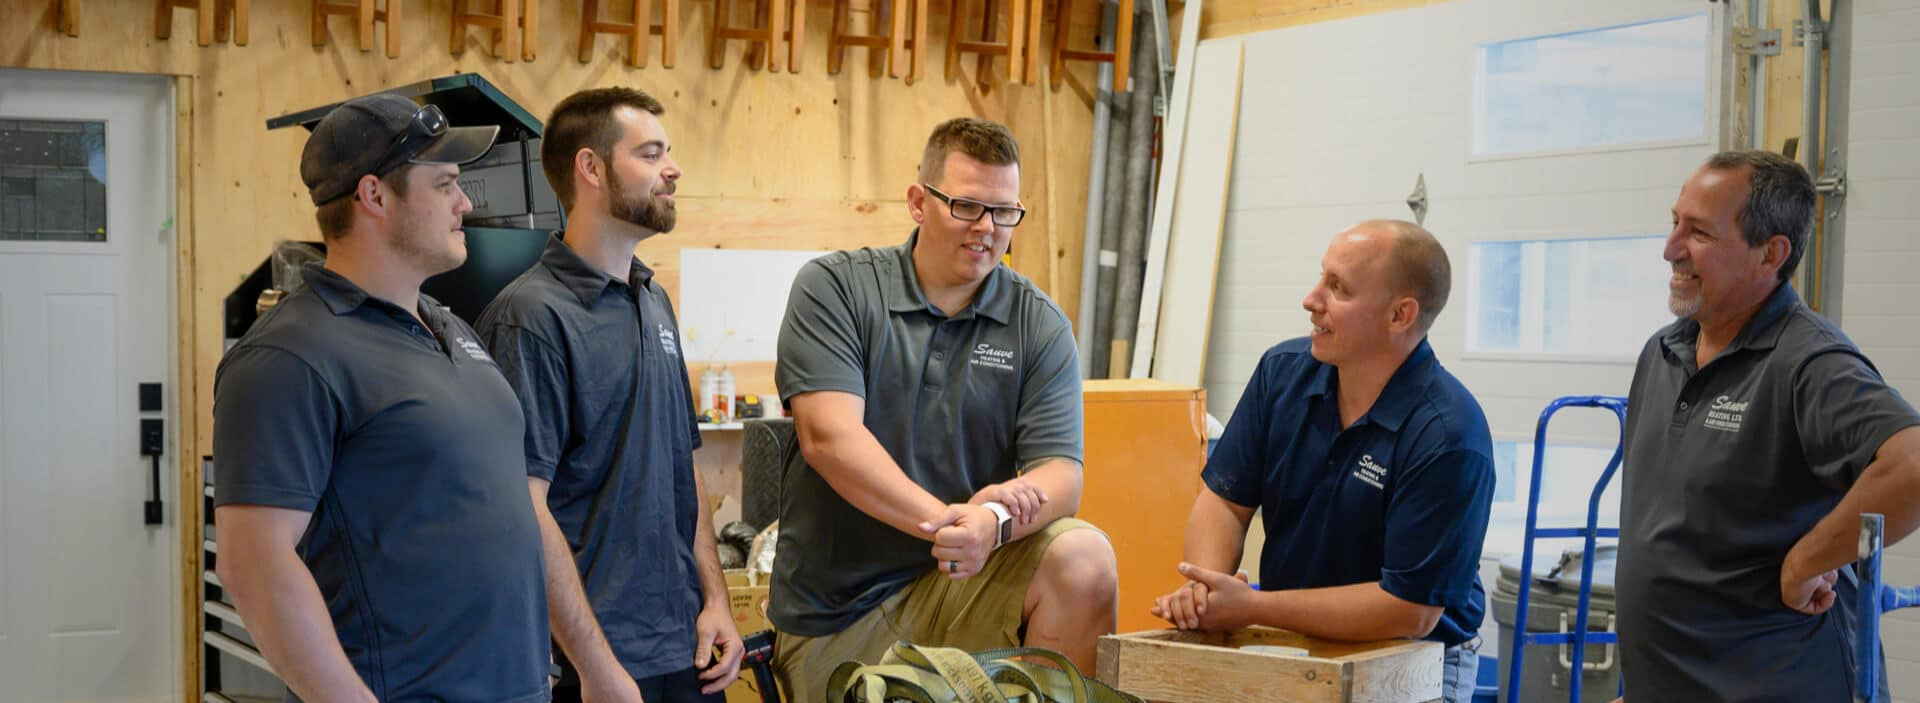 the Ottawa HVAC experts team